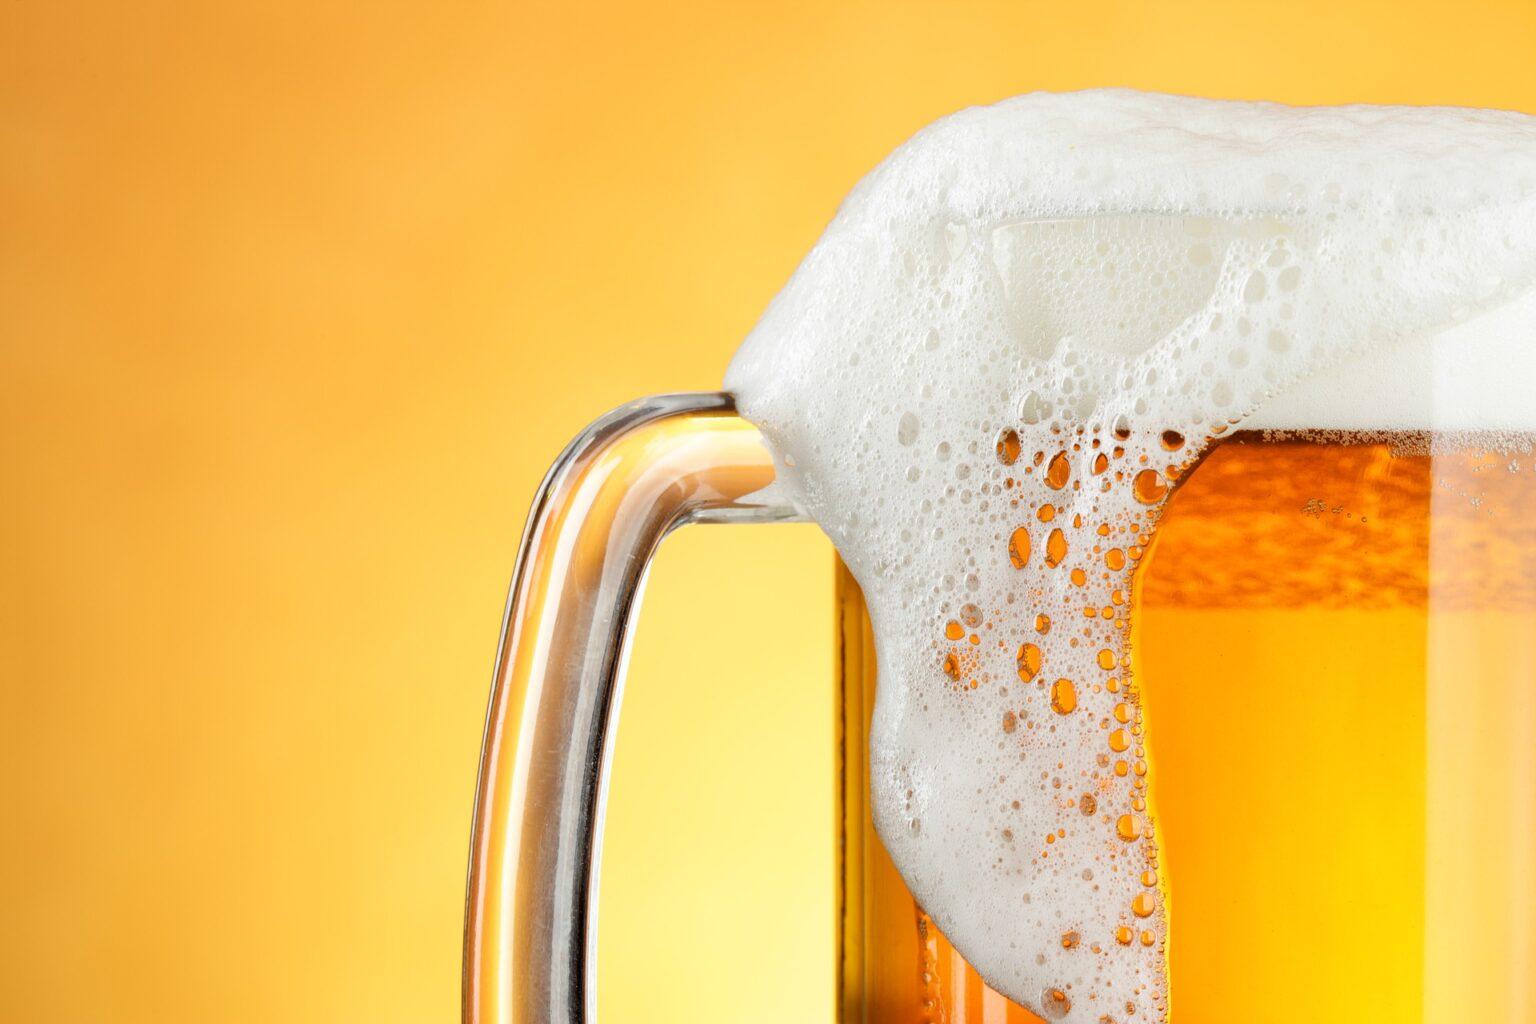 キャンプに最適!ハンディ型ビールサーバー5選【美味しいビールを飲む裏技】